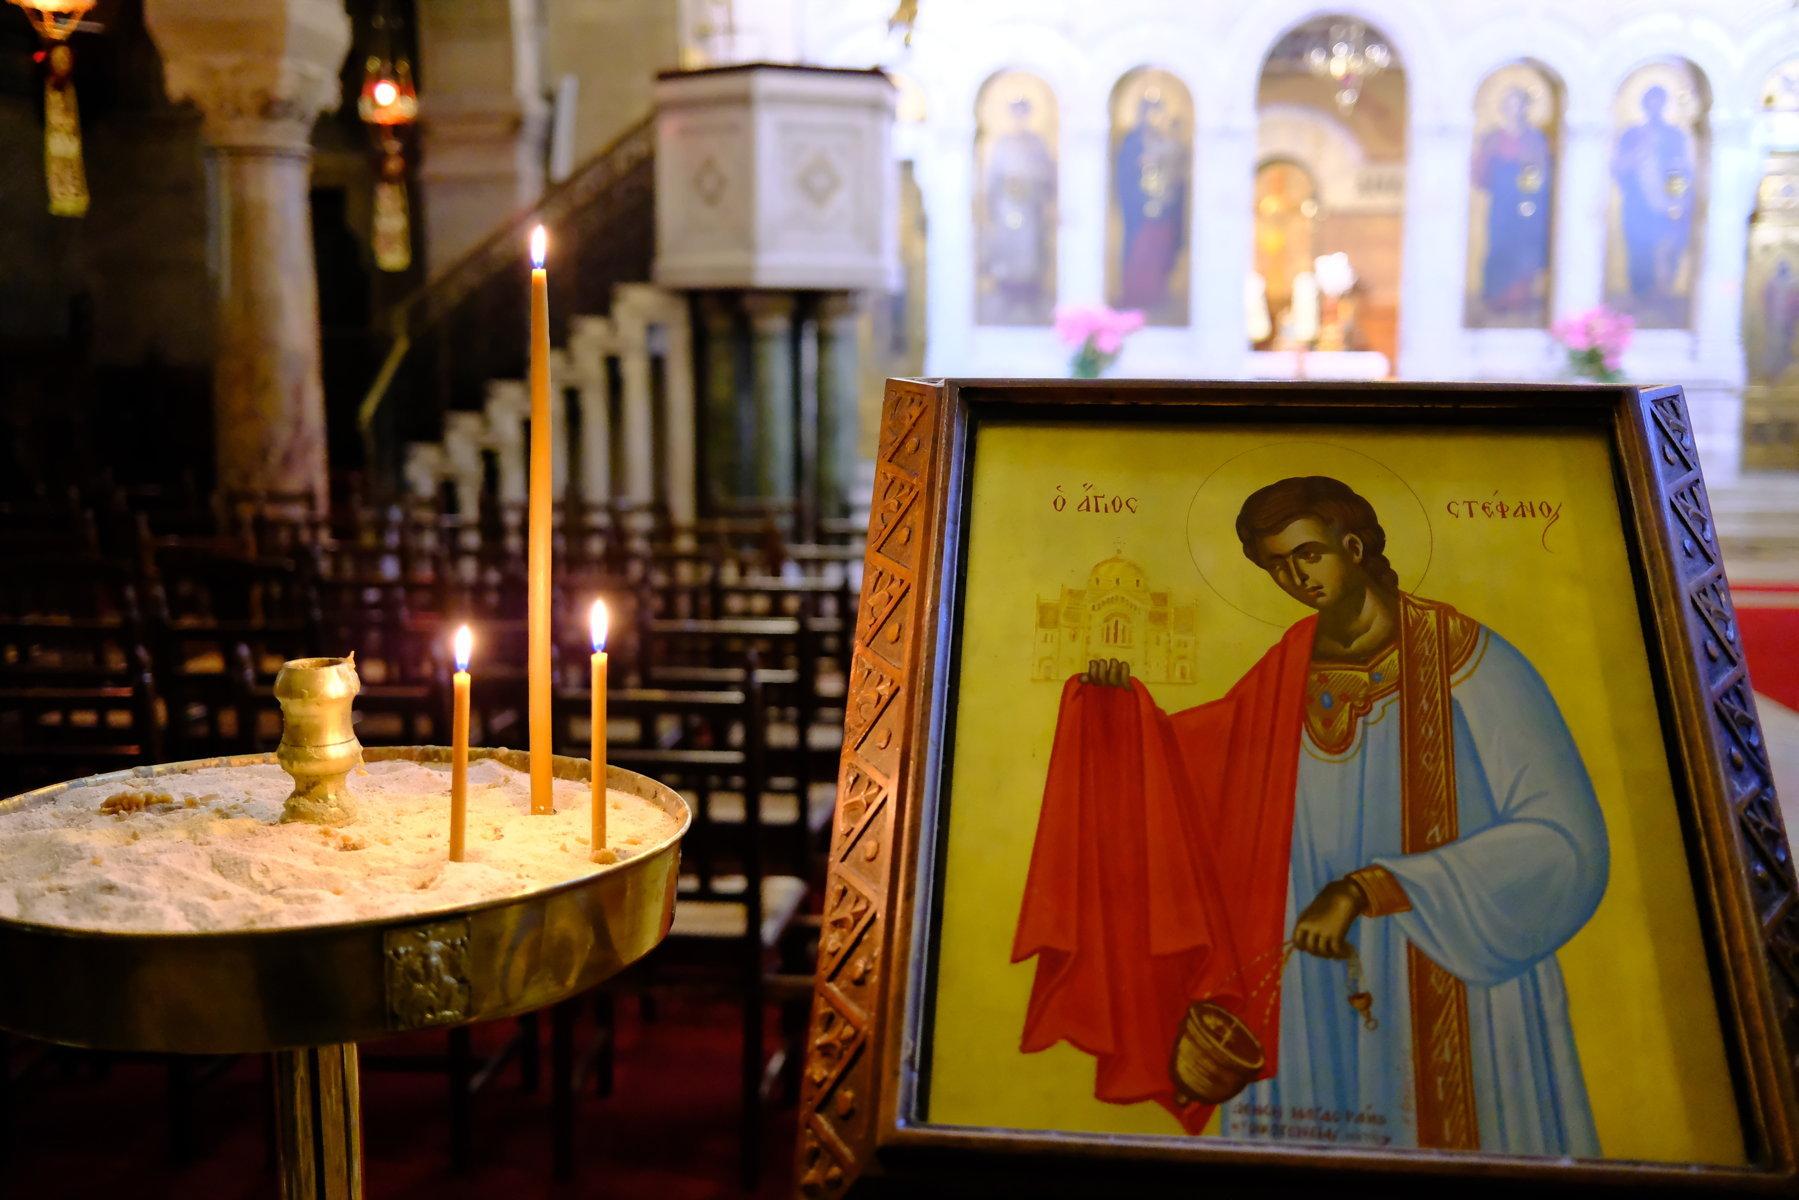 6  - Ο Ευαγγελισμός της Θεοτόκου στο Παρίσι (φωτο)